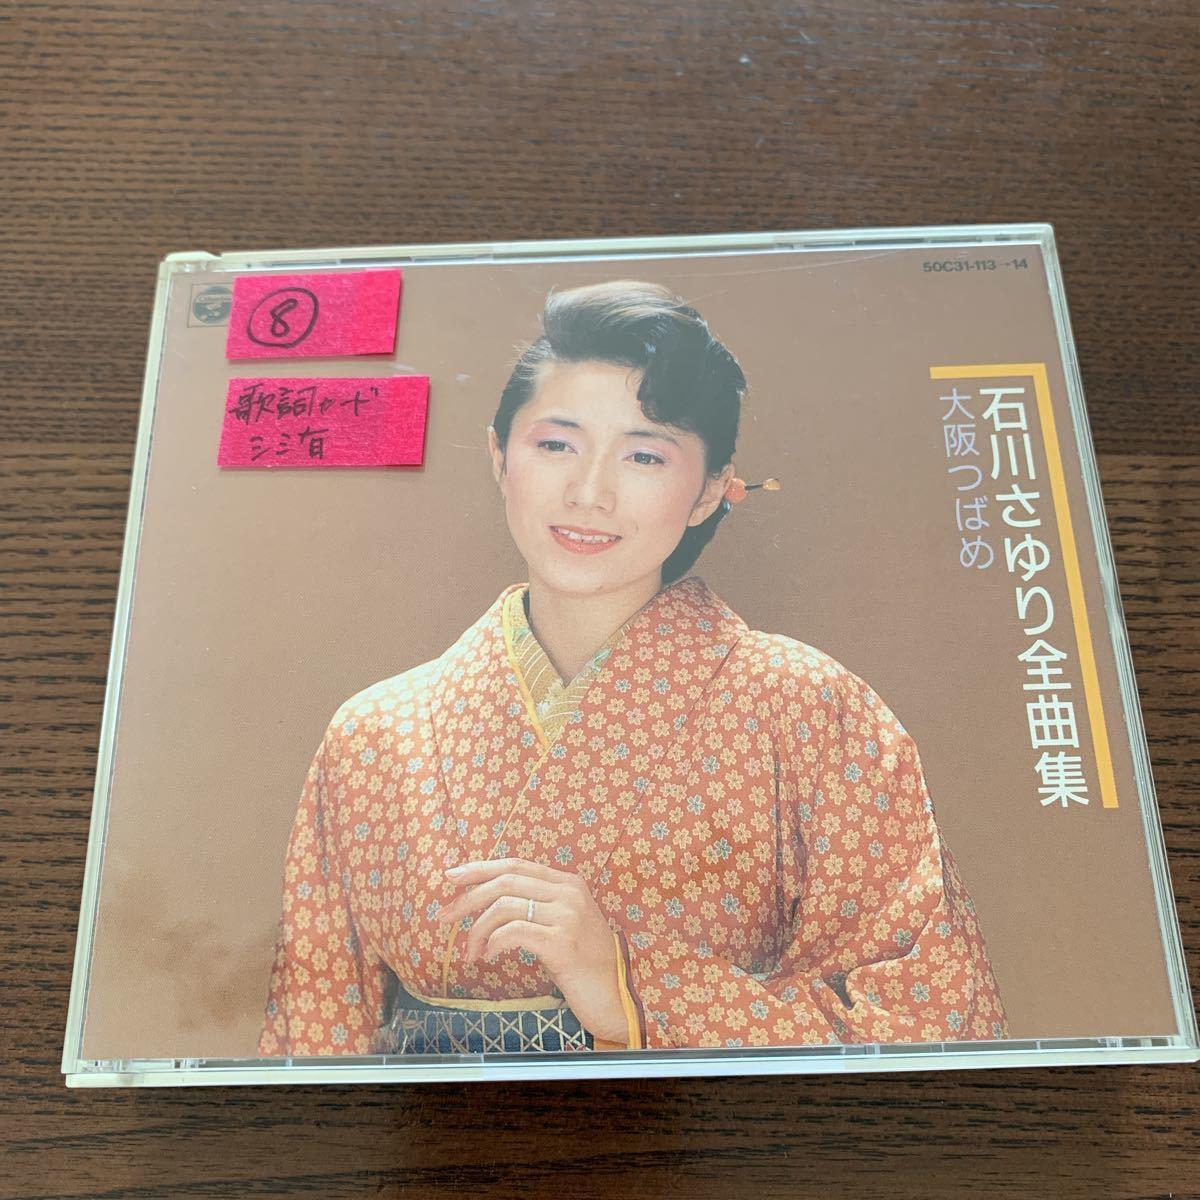 8☆ 石川さゆり 全曲集 大阪つばめ 歌詞カードにシミ有り